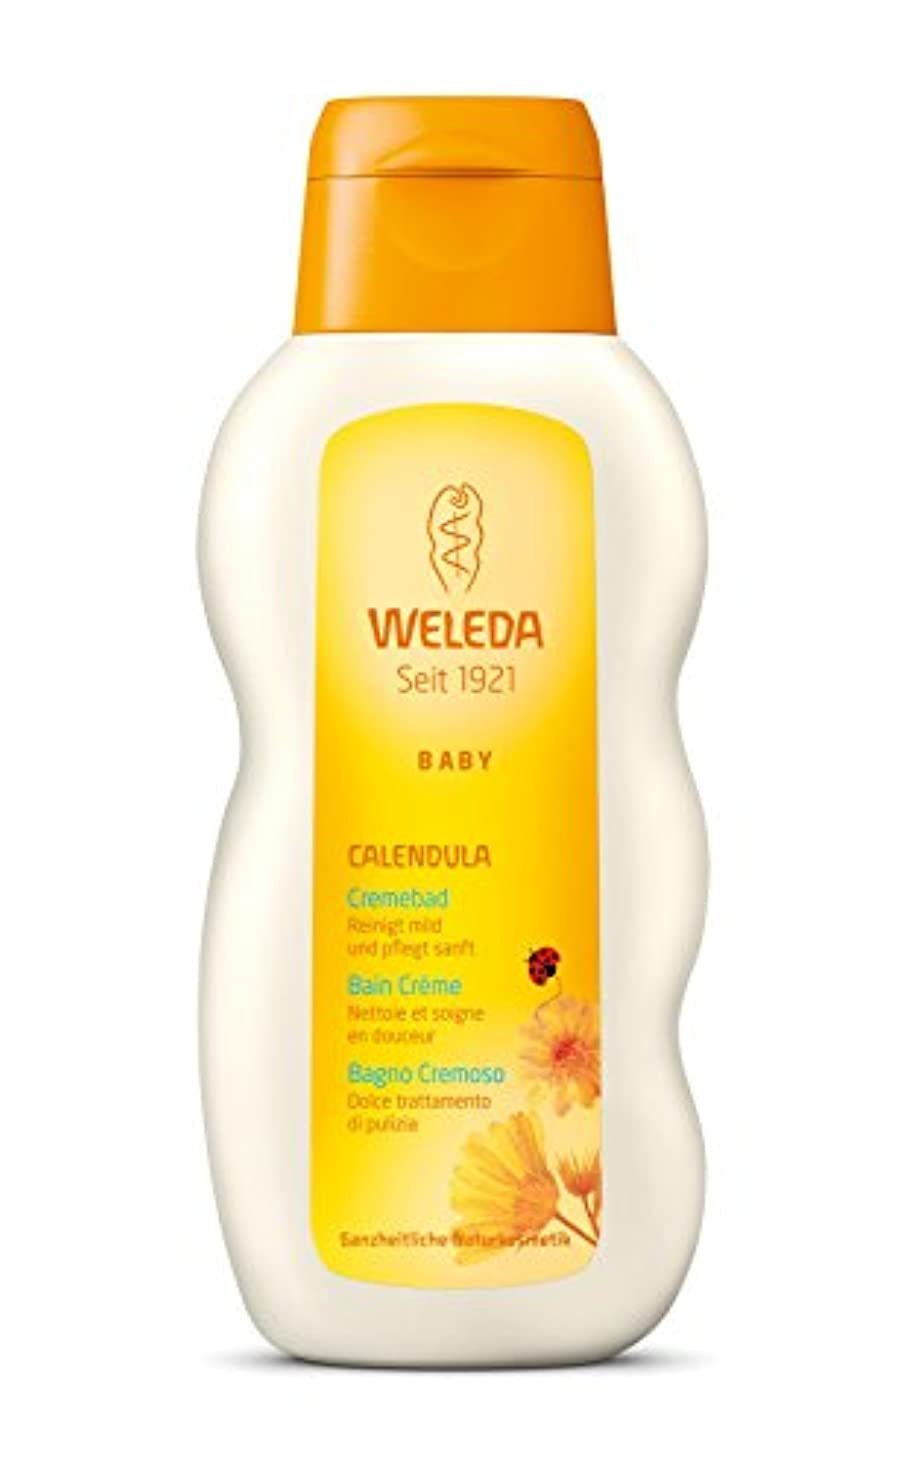 コットン場合利用可能WELEDA(ヴェレダ) カレンドラ ベビークリームバスミルク 200ml 【生まれたての赤ちゃんから使用できます】